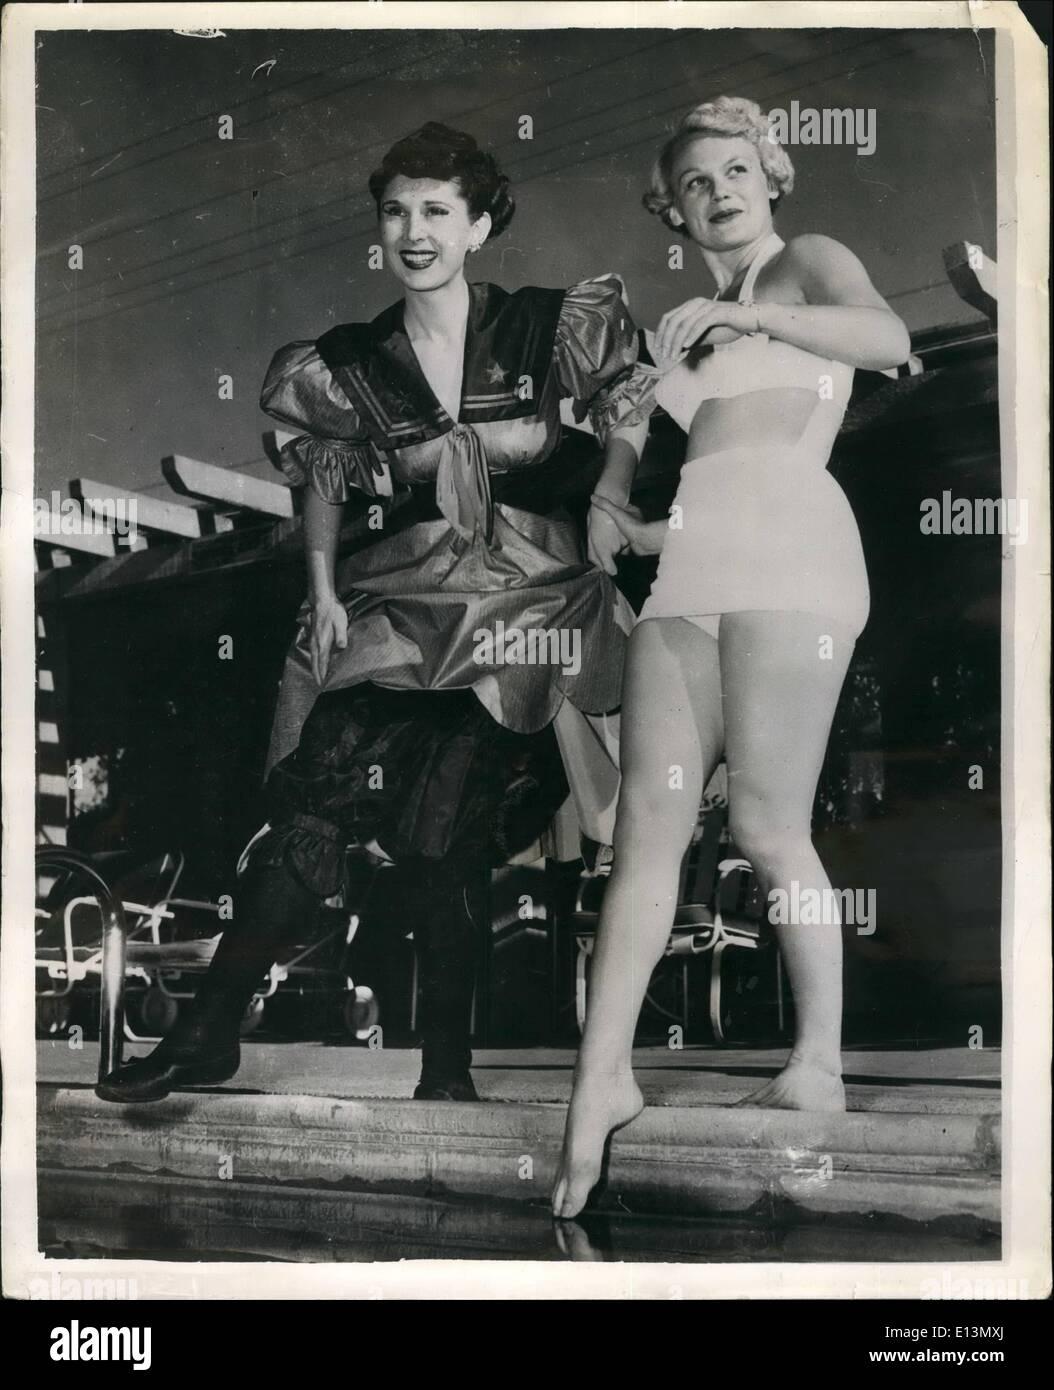 22. März 2012 - The Gay der neunziger Jahre und die glamouröse 51 geeignet Badesachen für die Ewigkeit: die Figuren sind ähnlich, aber die Stockbild